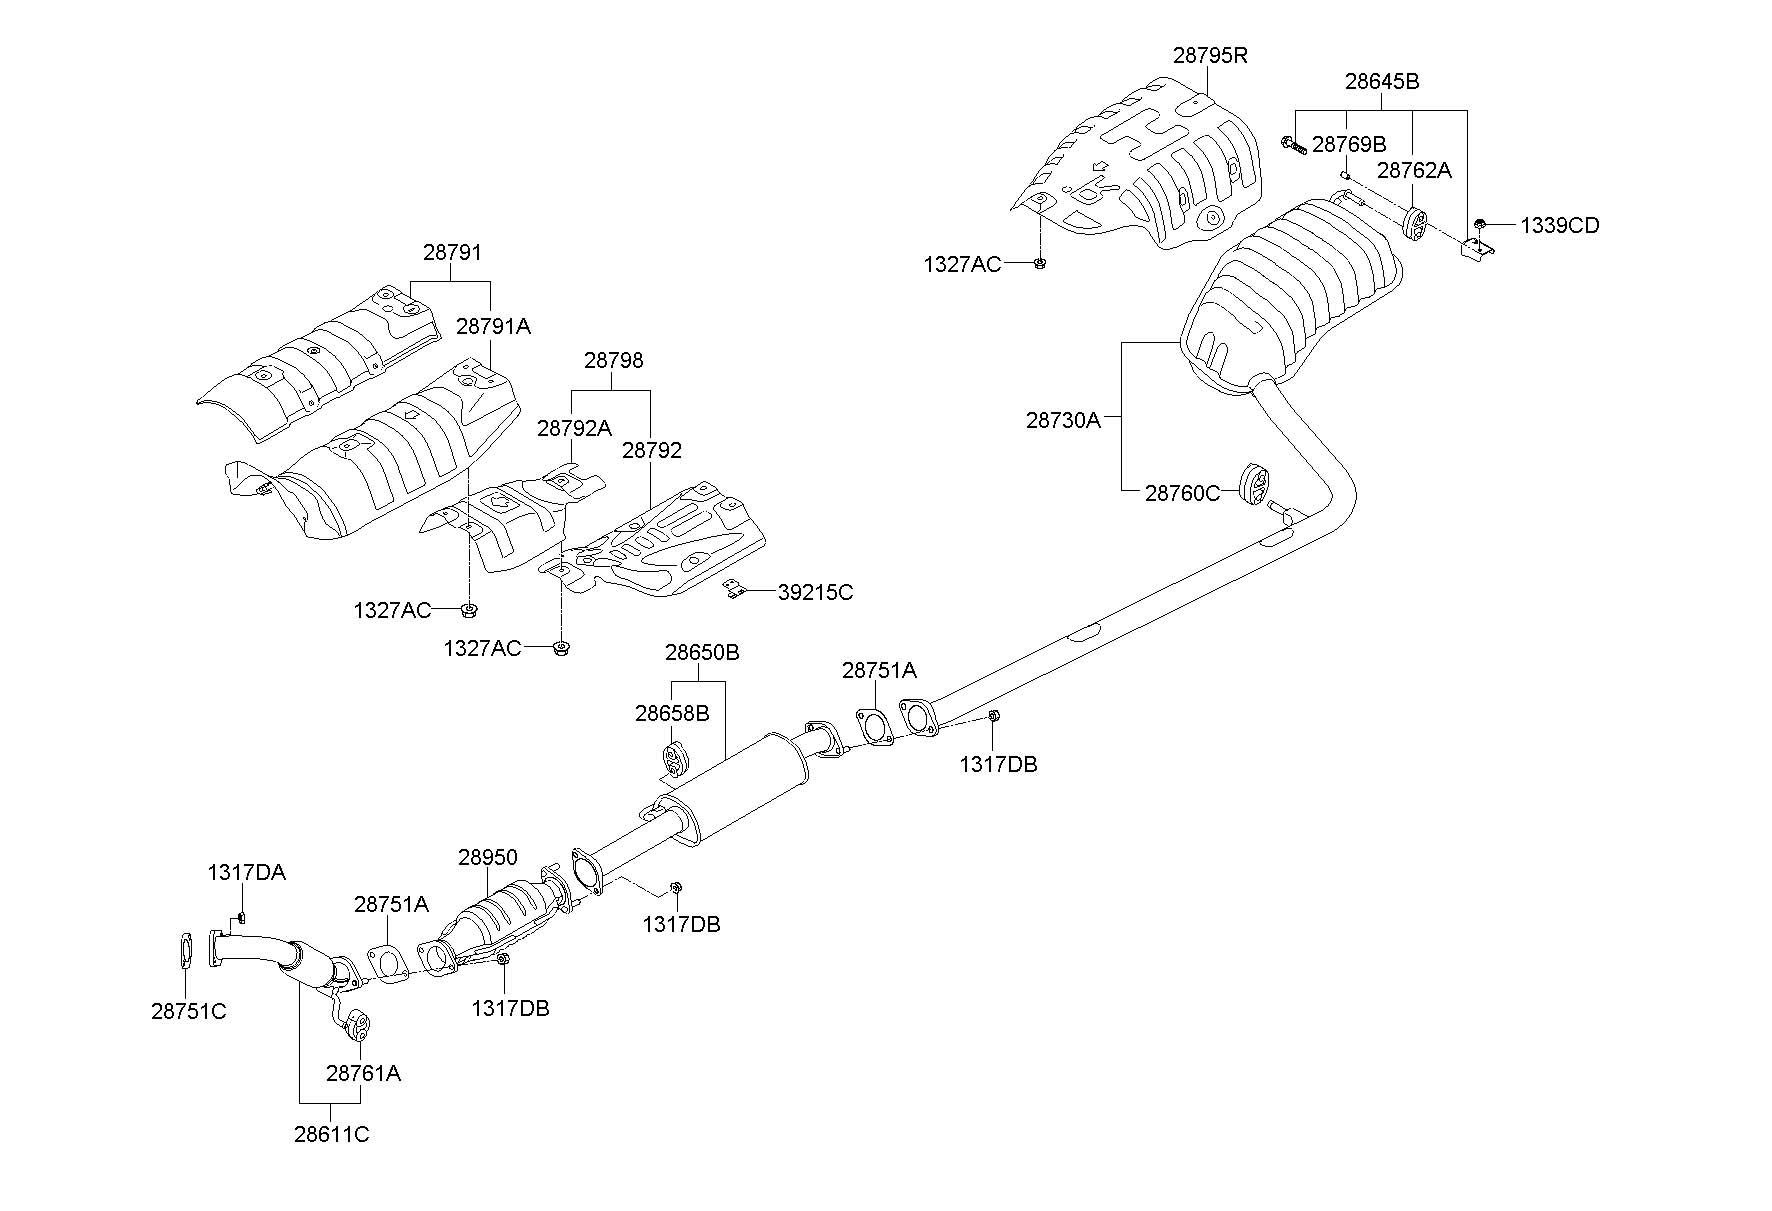 tags: #2001 hyundai santa fe engine diagram#2002 hyundai santa fe parts  diagram#2004 hyundai santa fe parts#santa fe 2004 engine diagram#2011 hyundai  santa